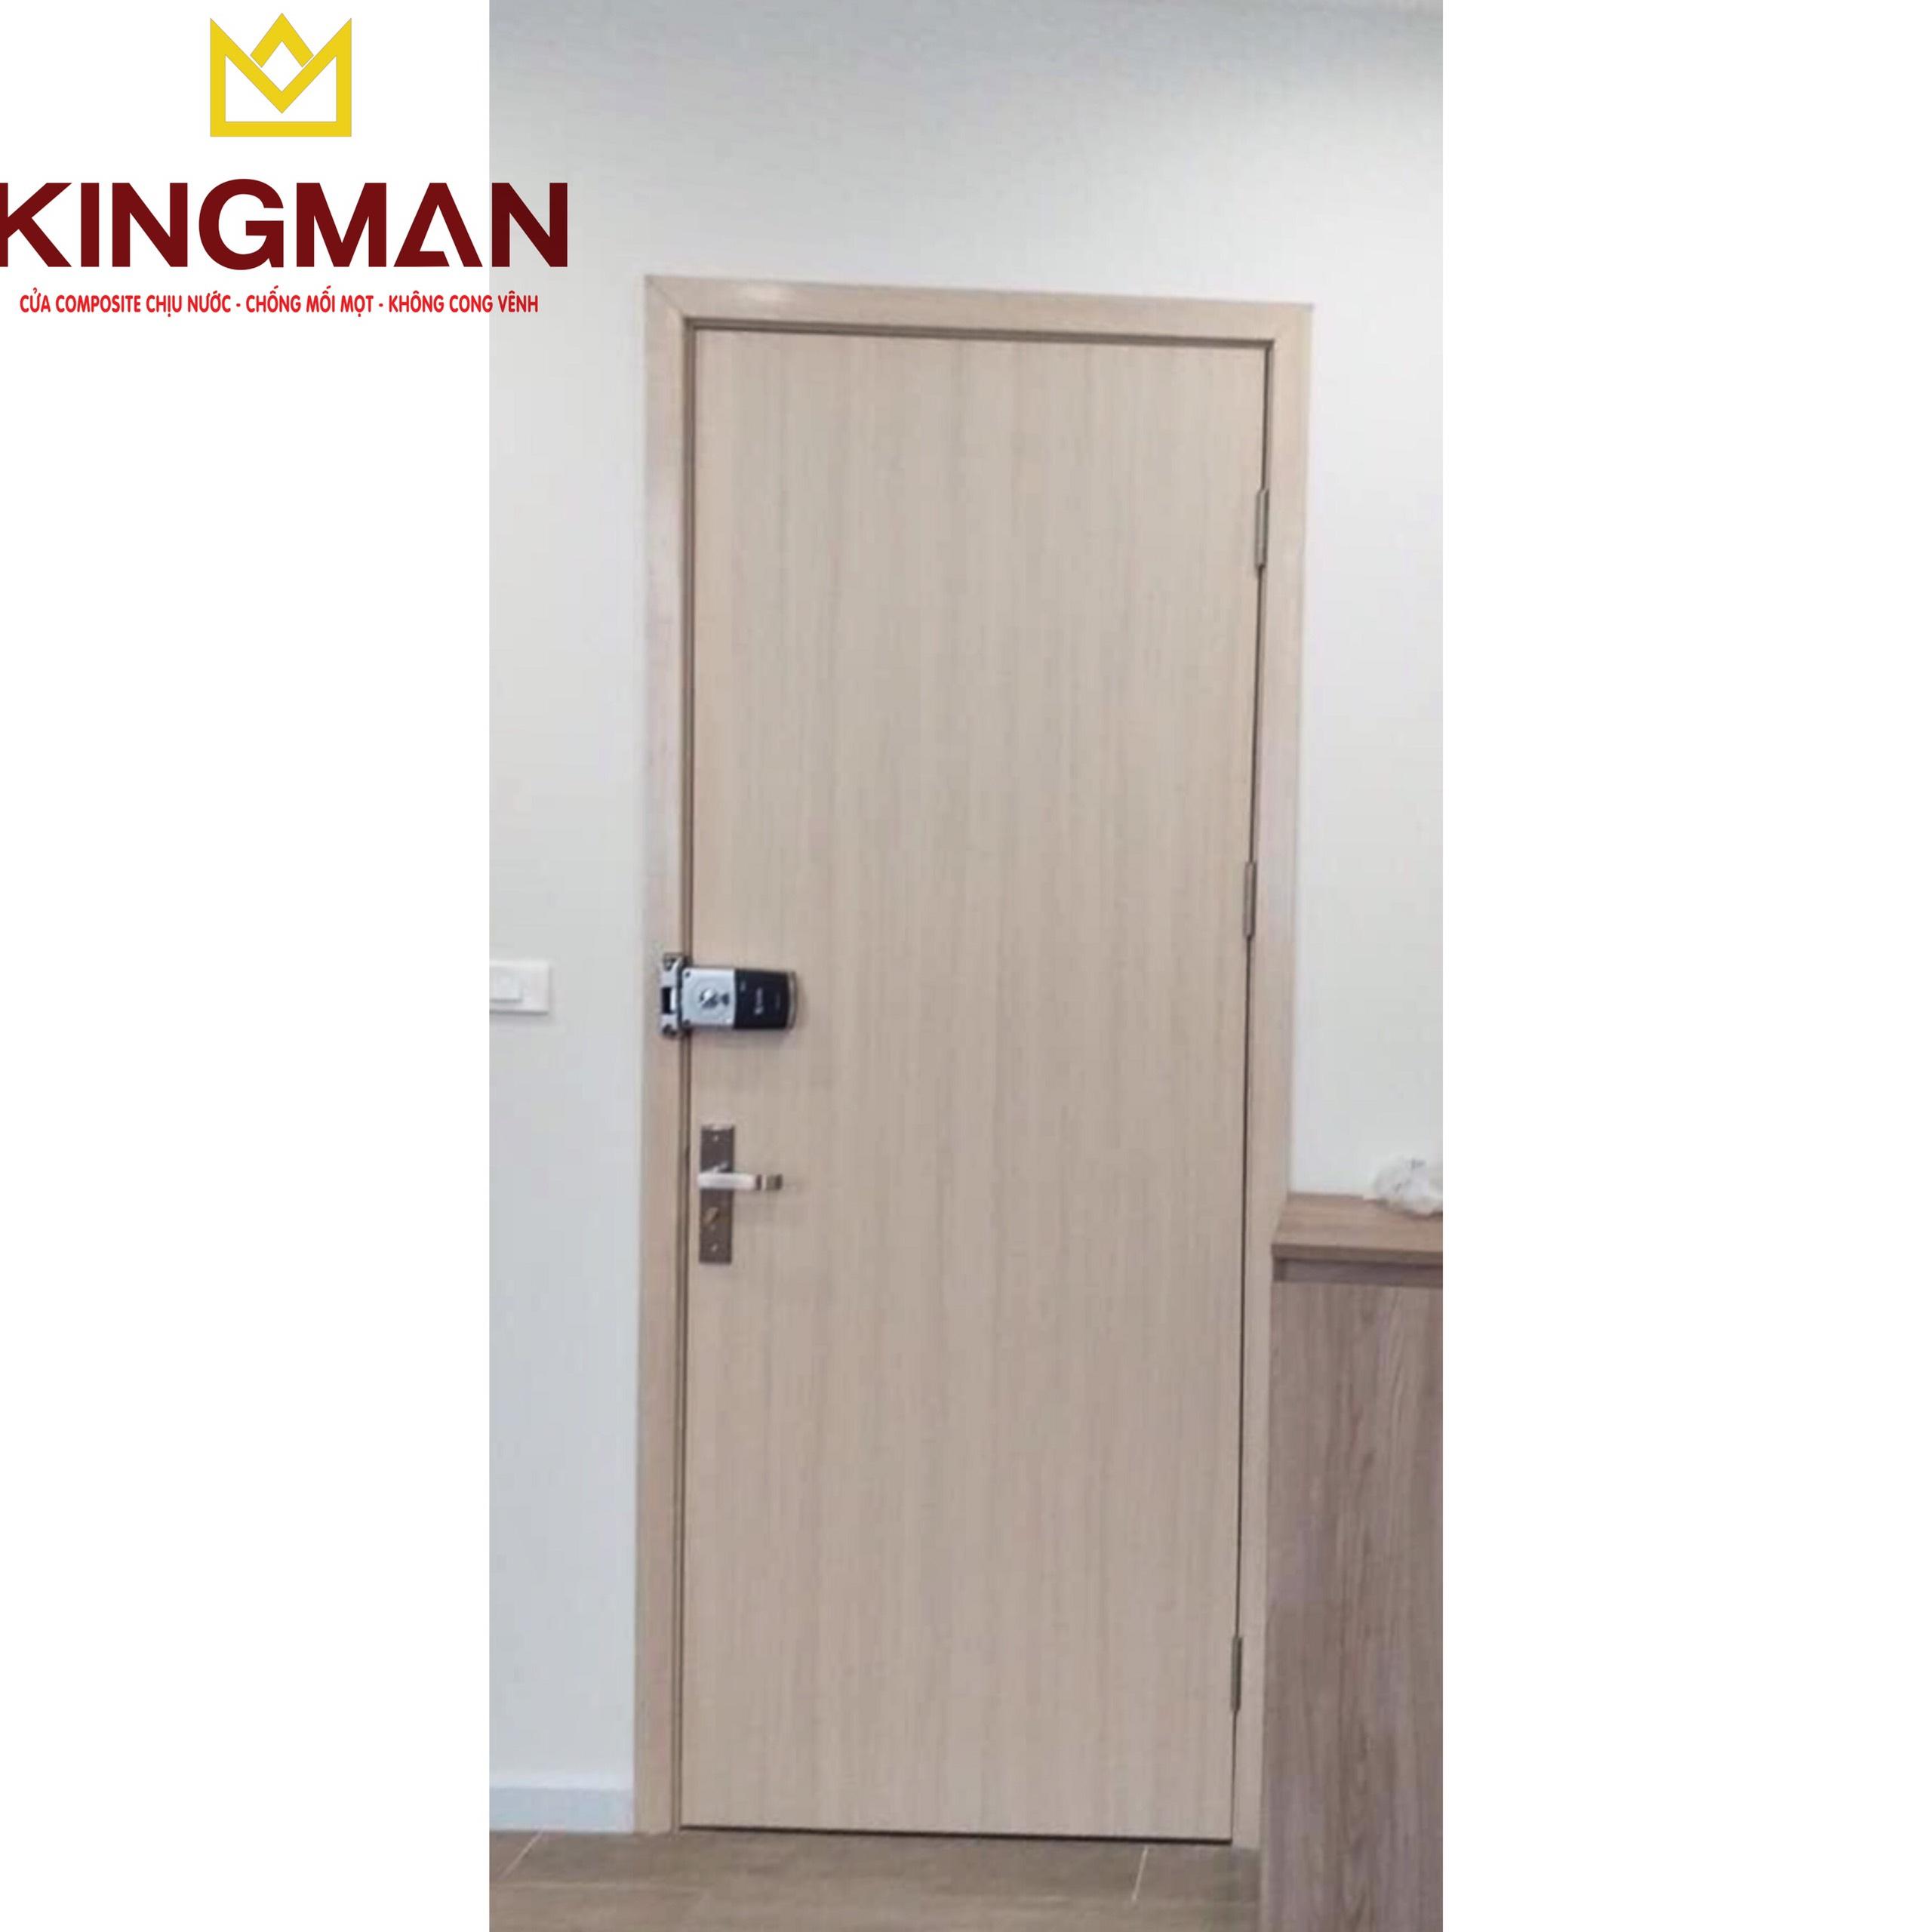 Cửa PVC Phẳng màu KM-14